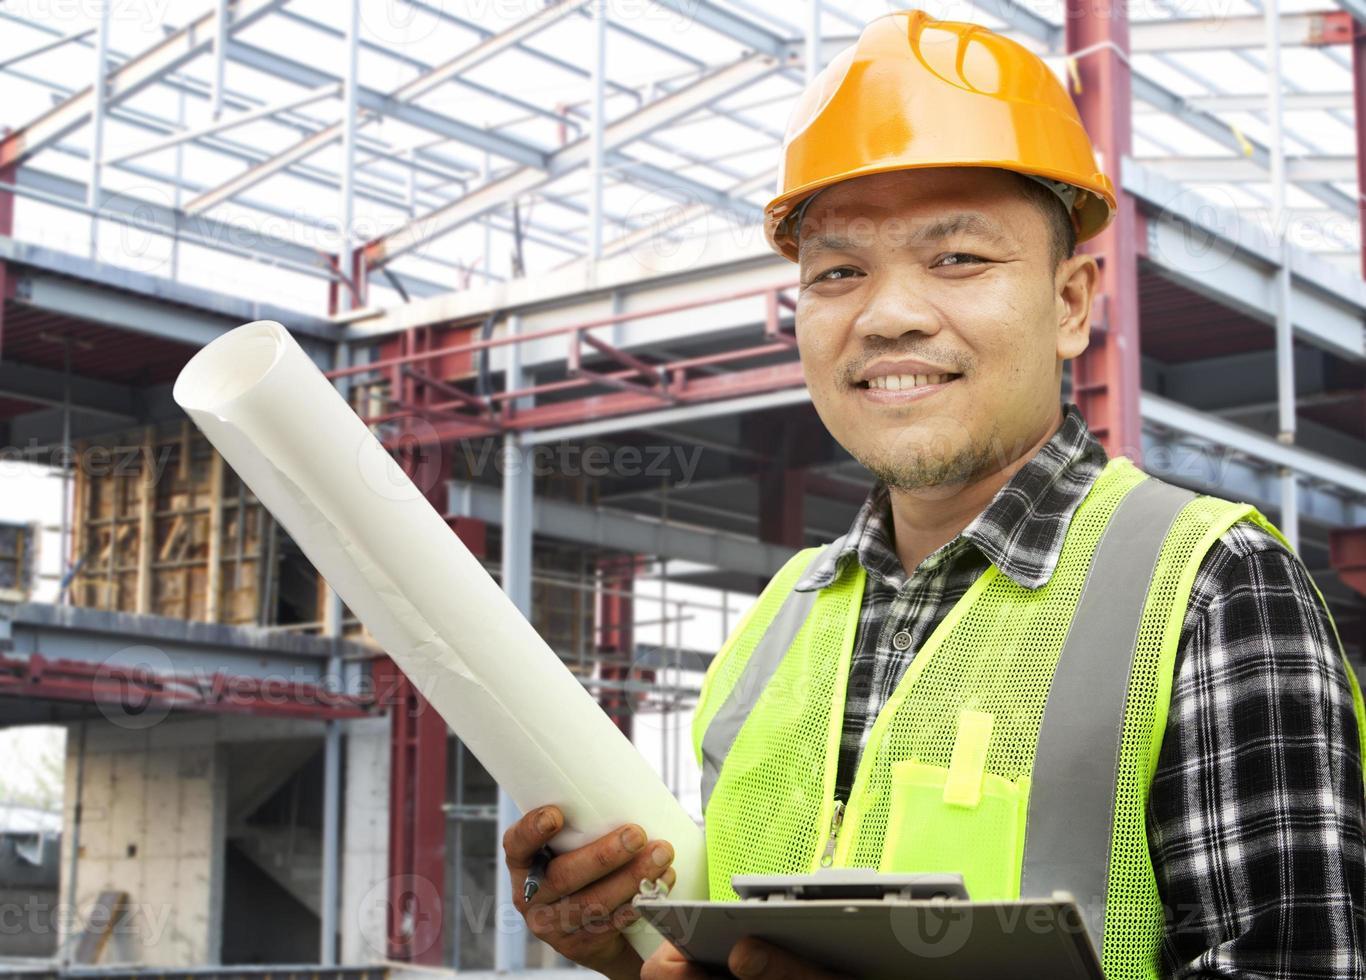 un operaio edile maschio al lavoro foto